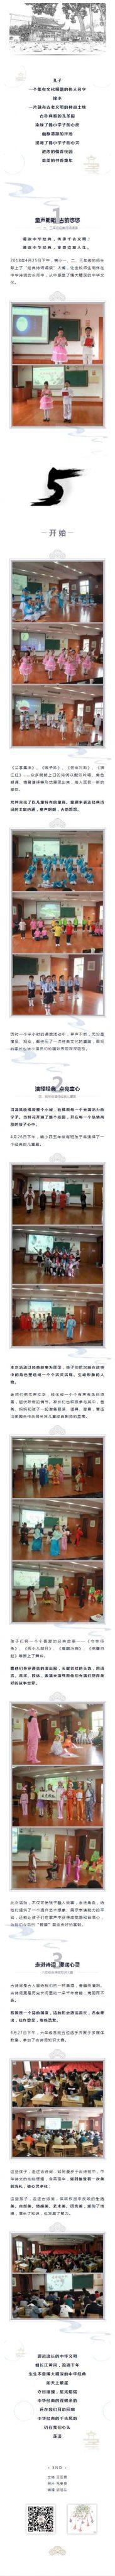 经典诗词诵读儒香校园书香童年教育学校中国风